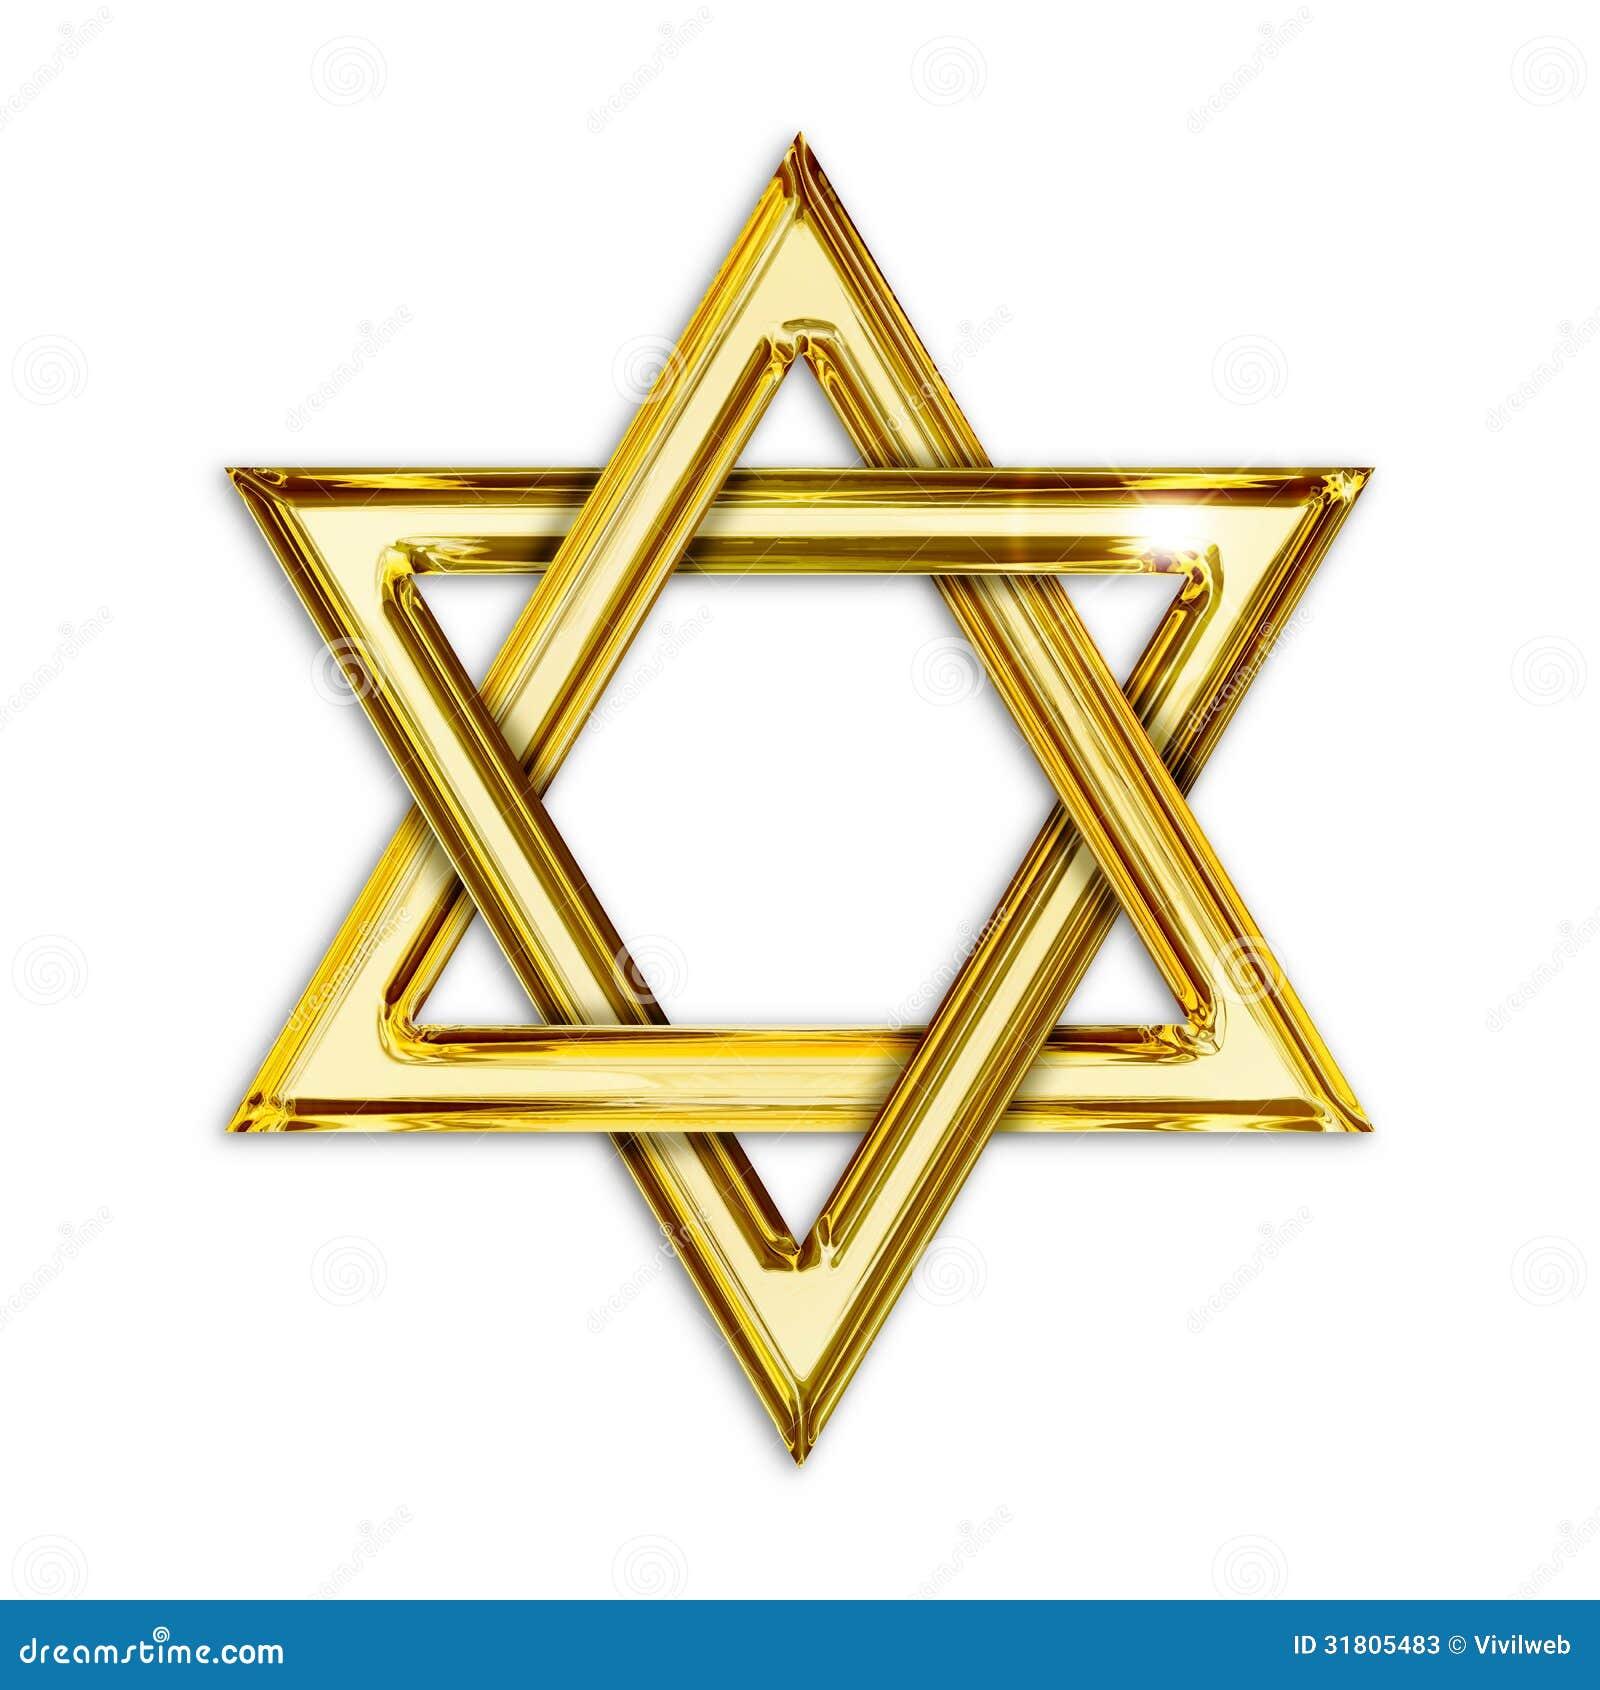 Illustration of golden hexagram on white background.